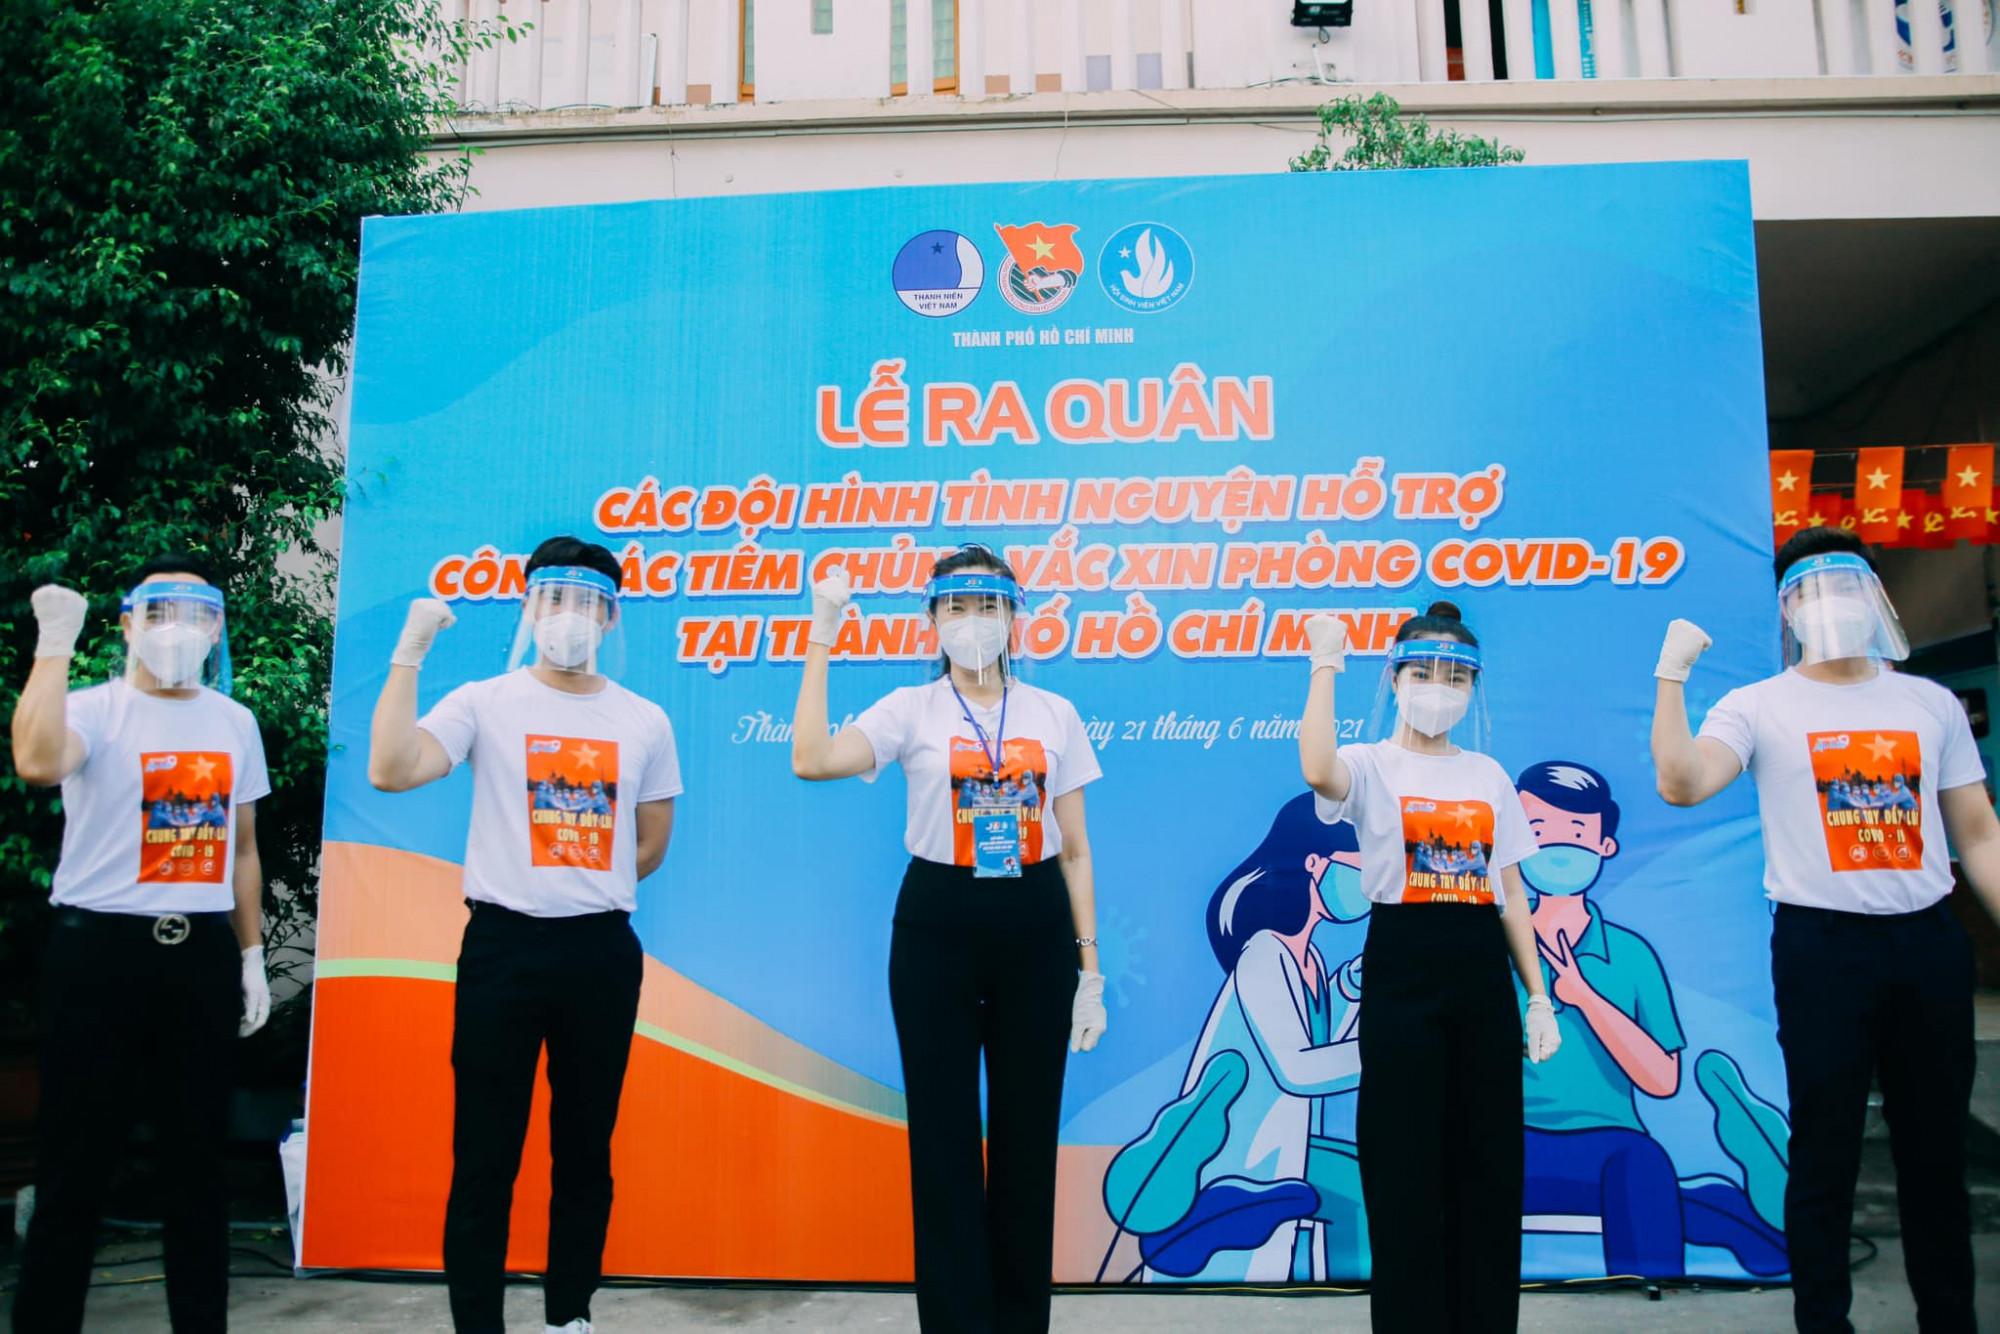 MC Quỳnh Hoa (giữa) cùng các nghệ sĩ tham gia đội tình nguyện, hỗ trợ